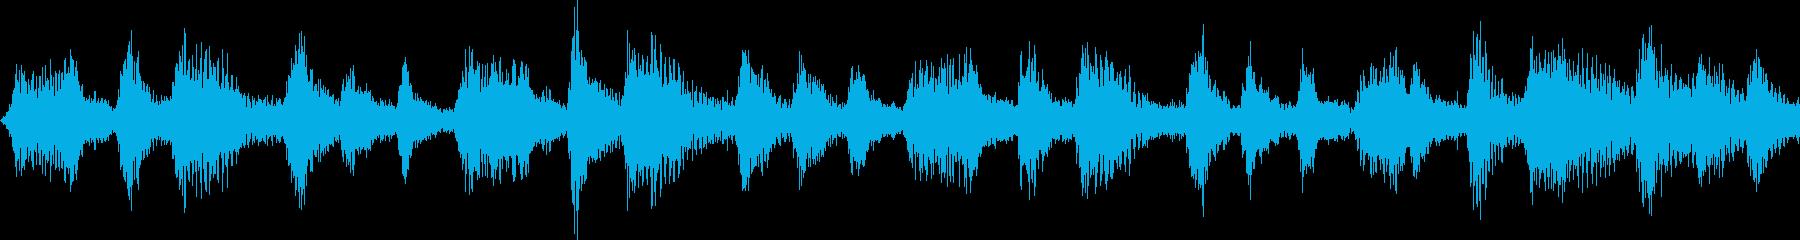 自然をイメージした神秘的なジングルループの再生済みの波形